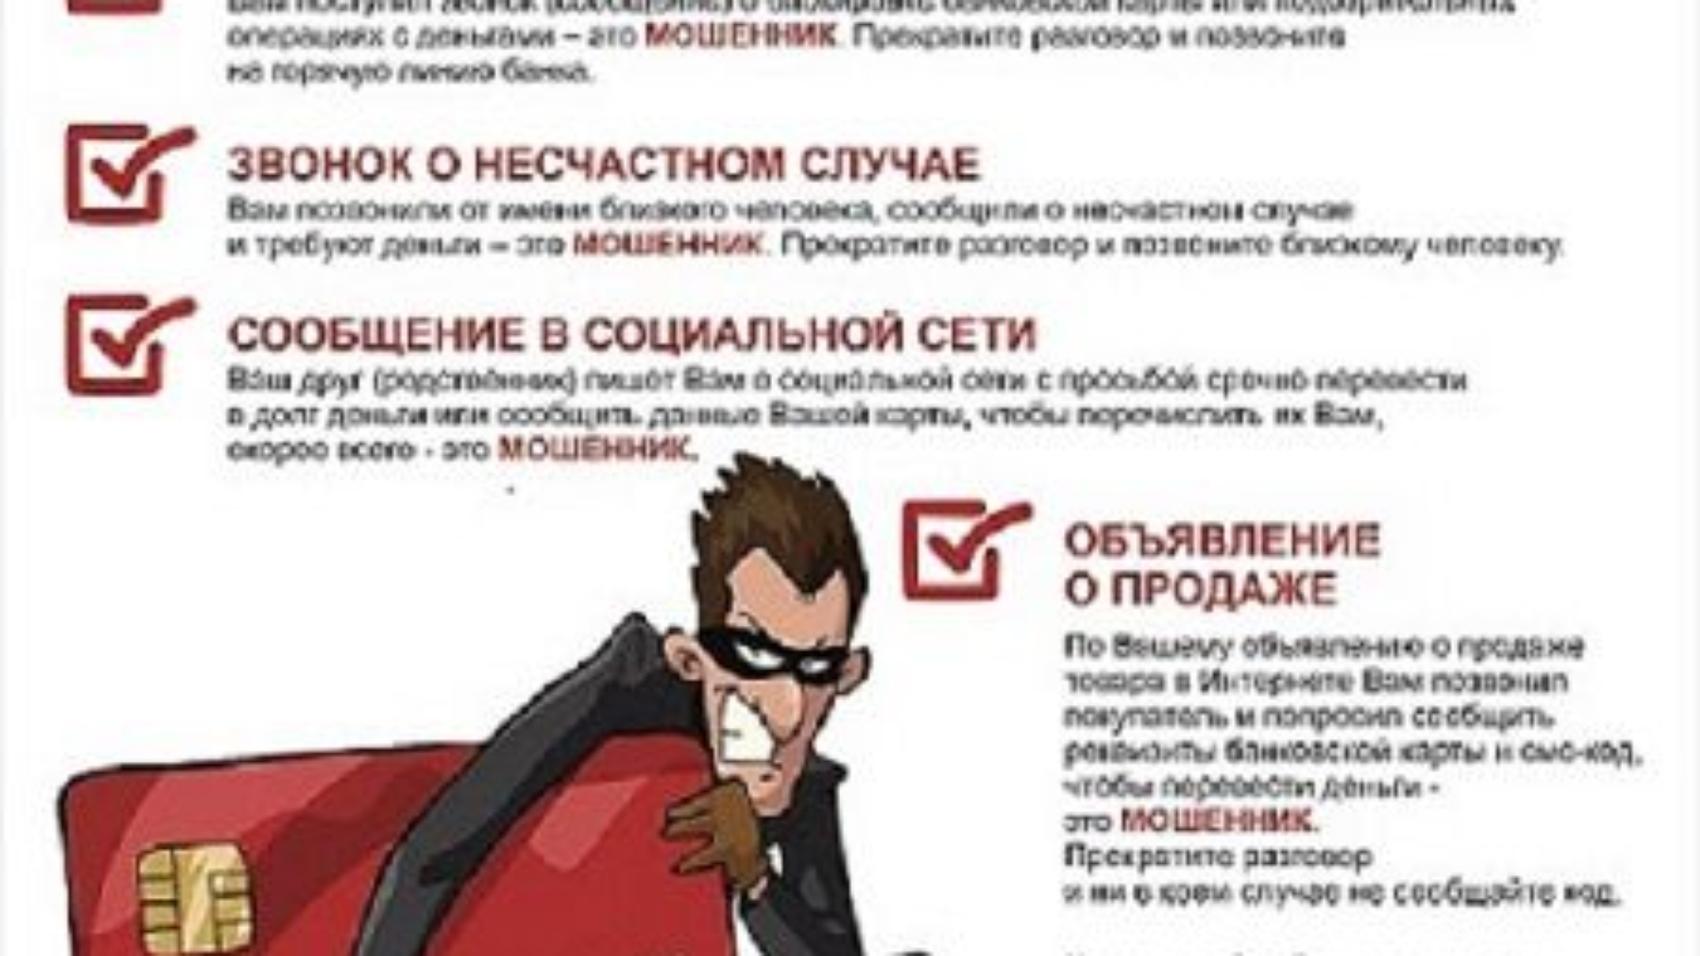 Памятка-мошенники-34324955-v1